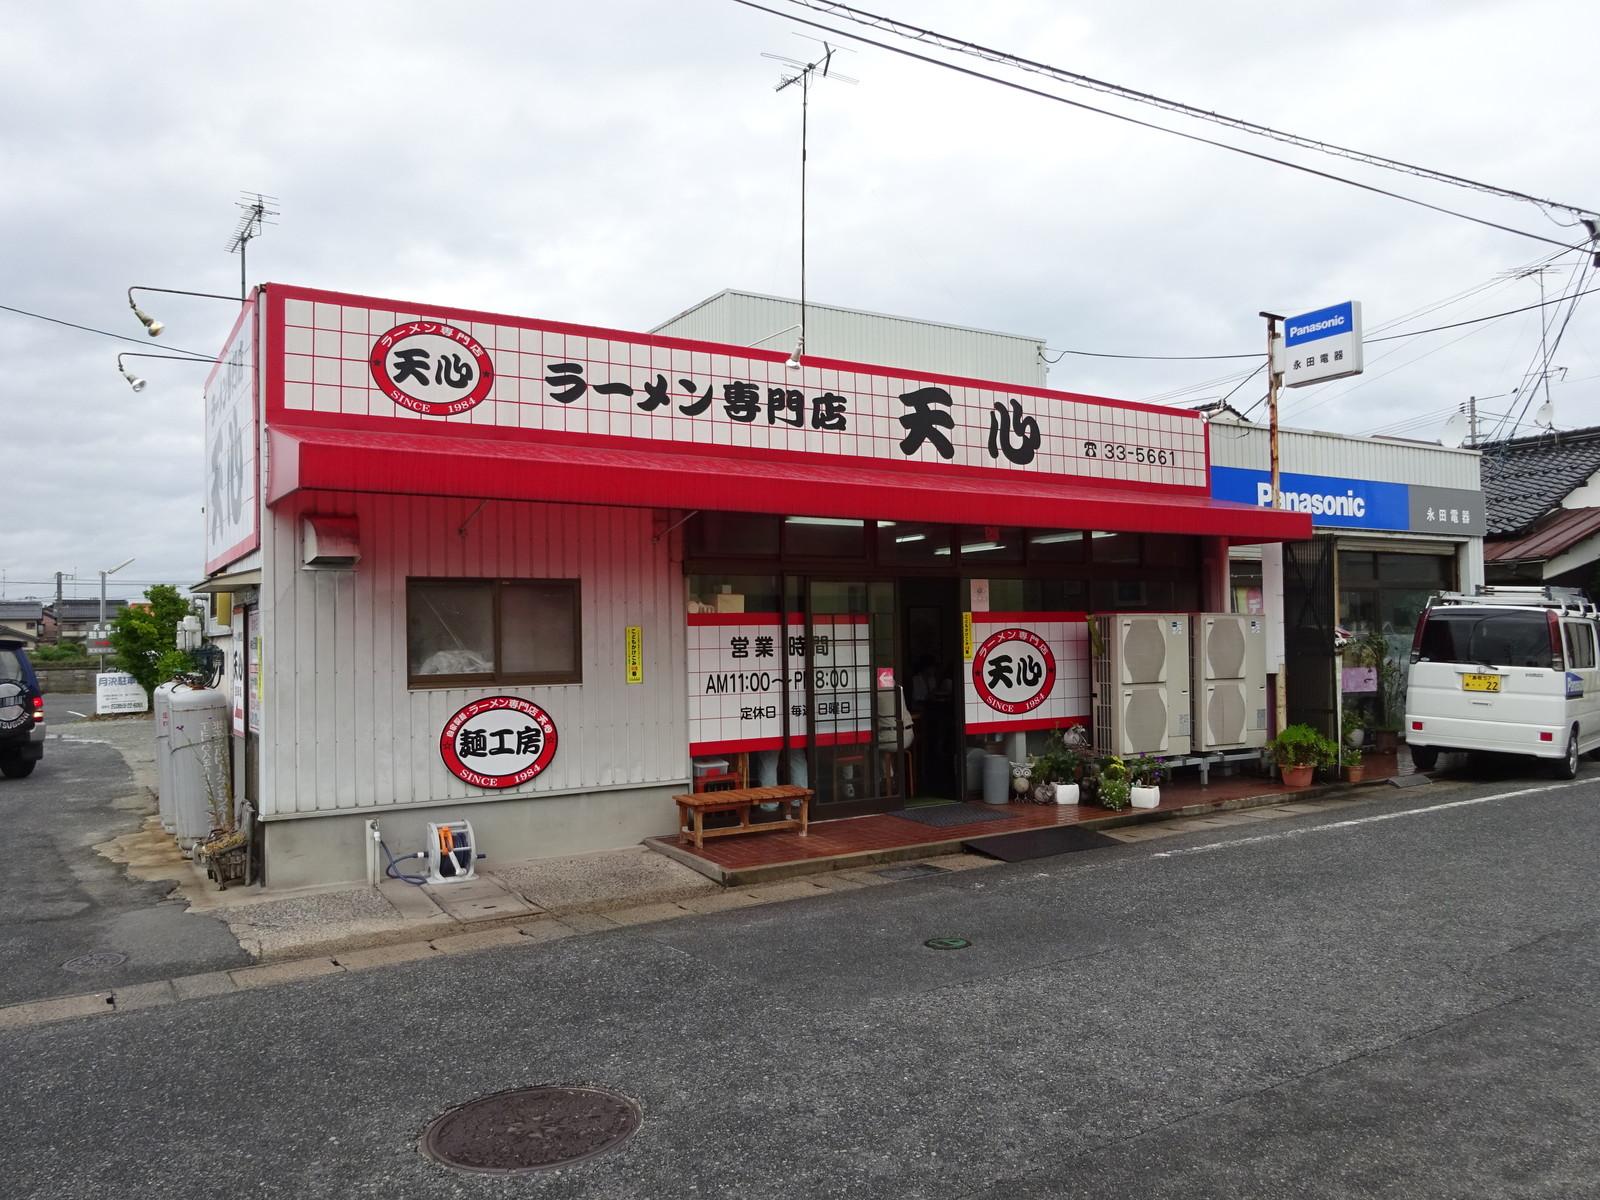 ラーメン専門店 天心(鳥取県米子市)